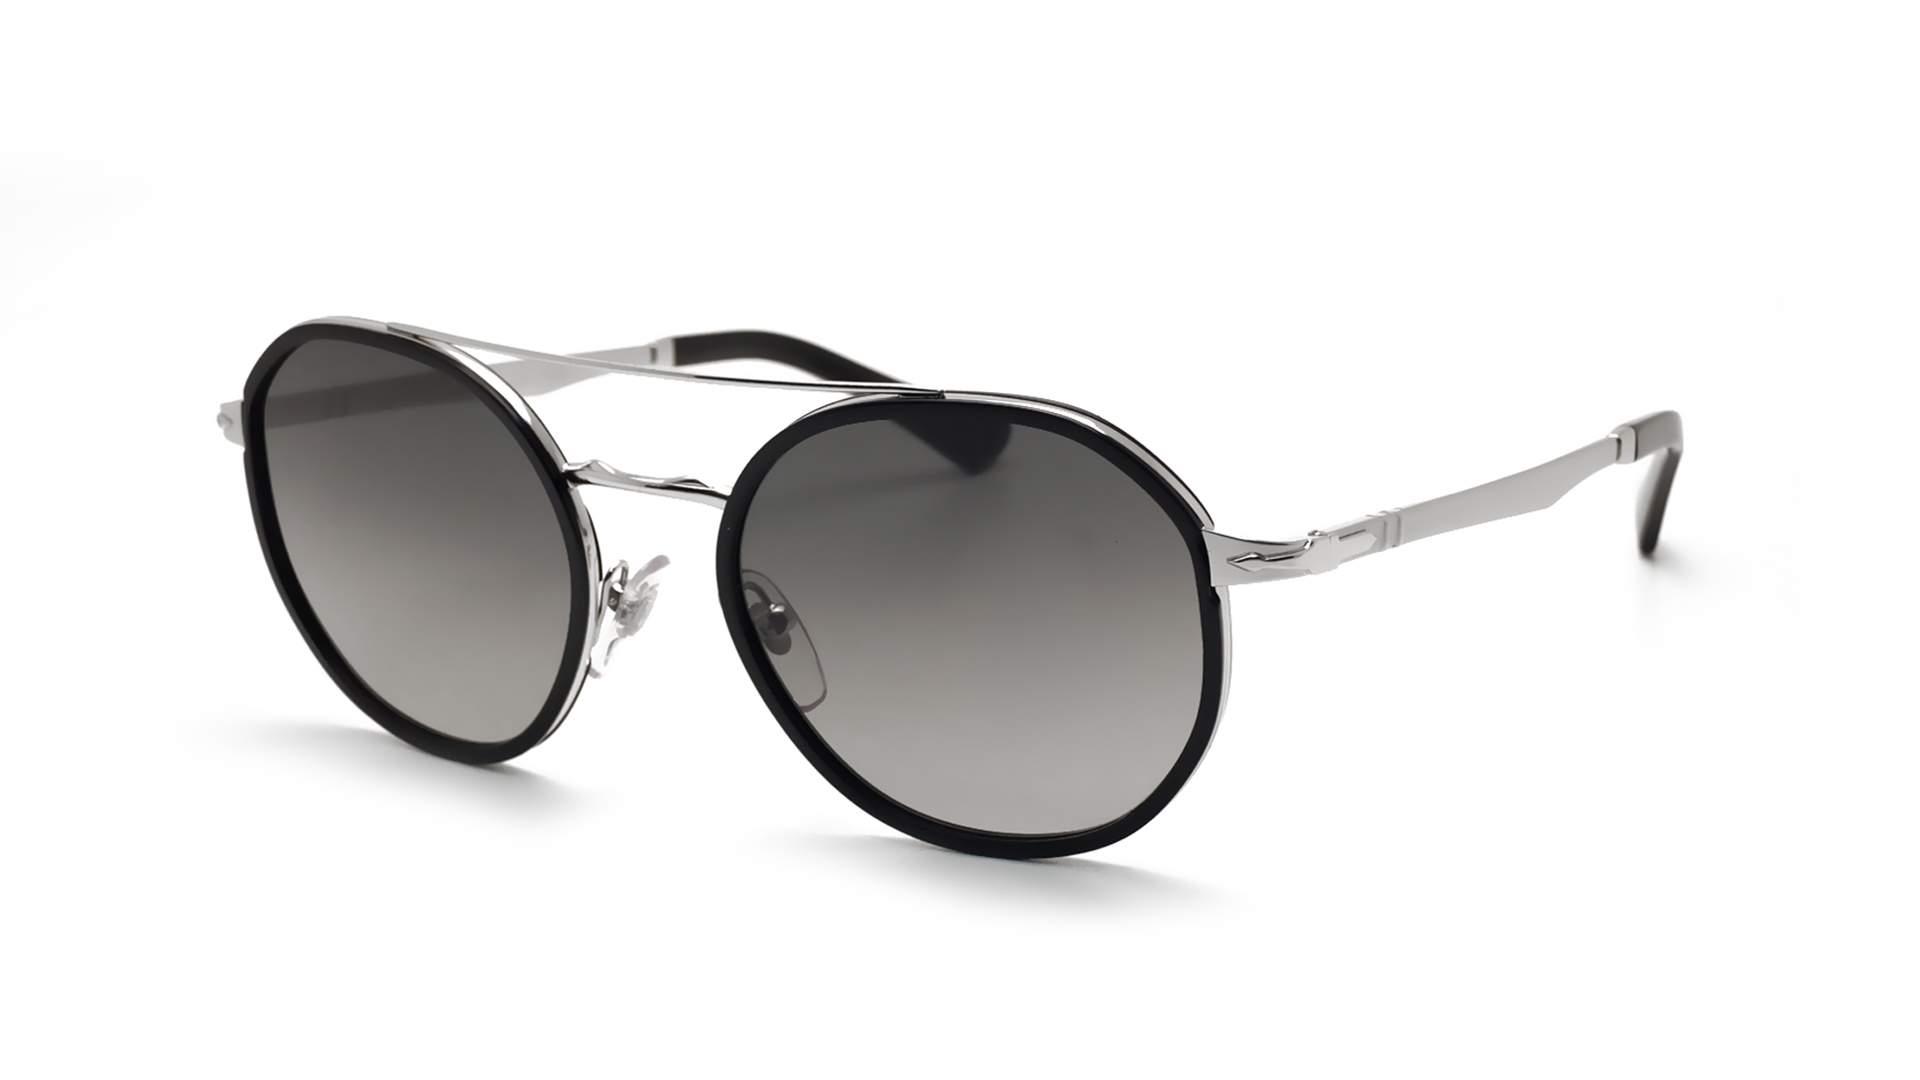 3146560d47 Sunglasses Persol PO2456S 518 71 53-20 Black Medium Gradient